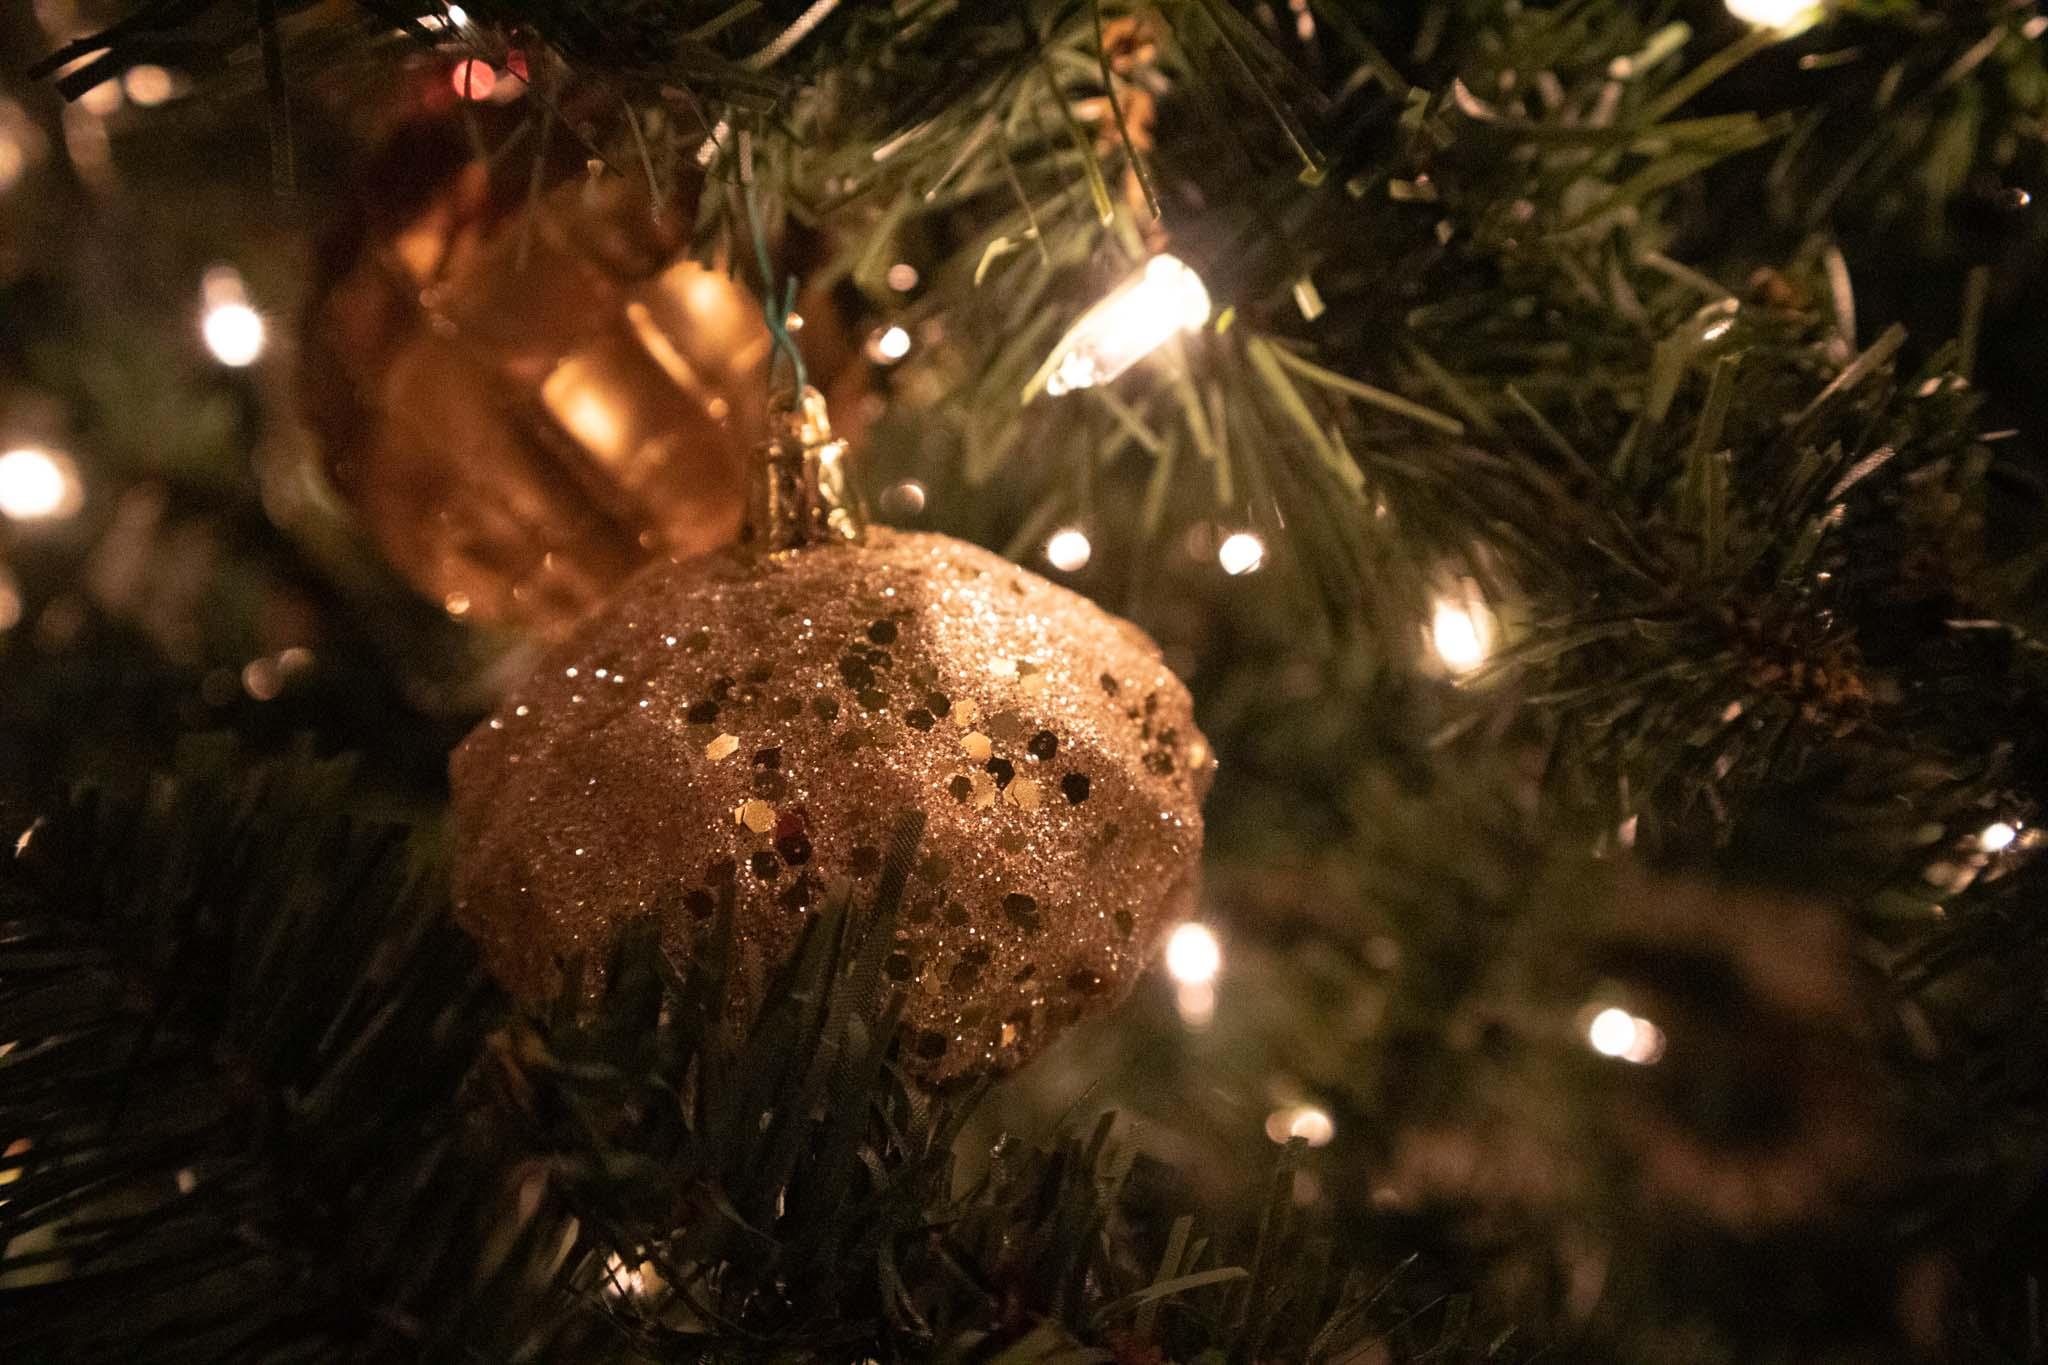 Ornament on Tree